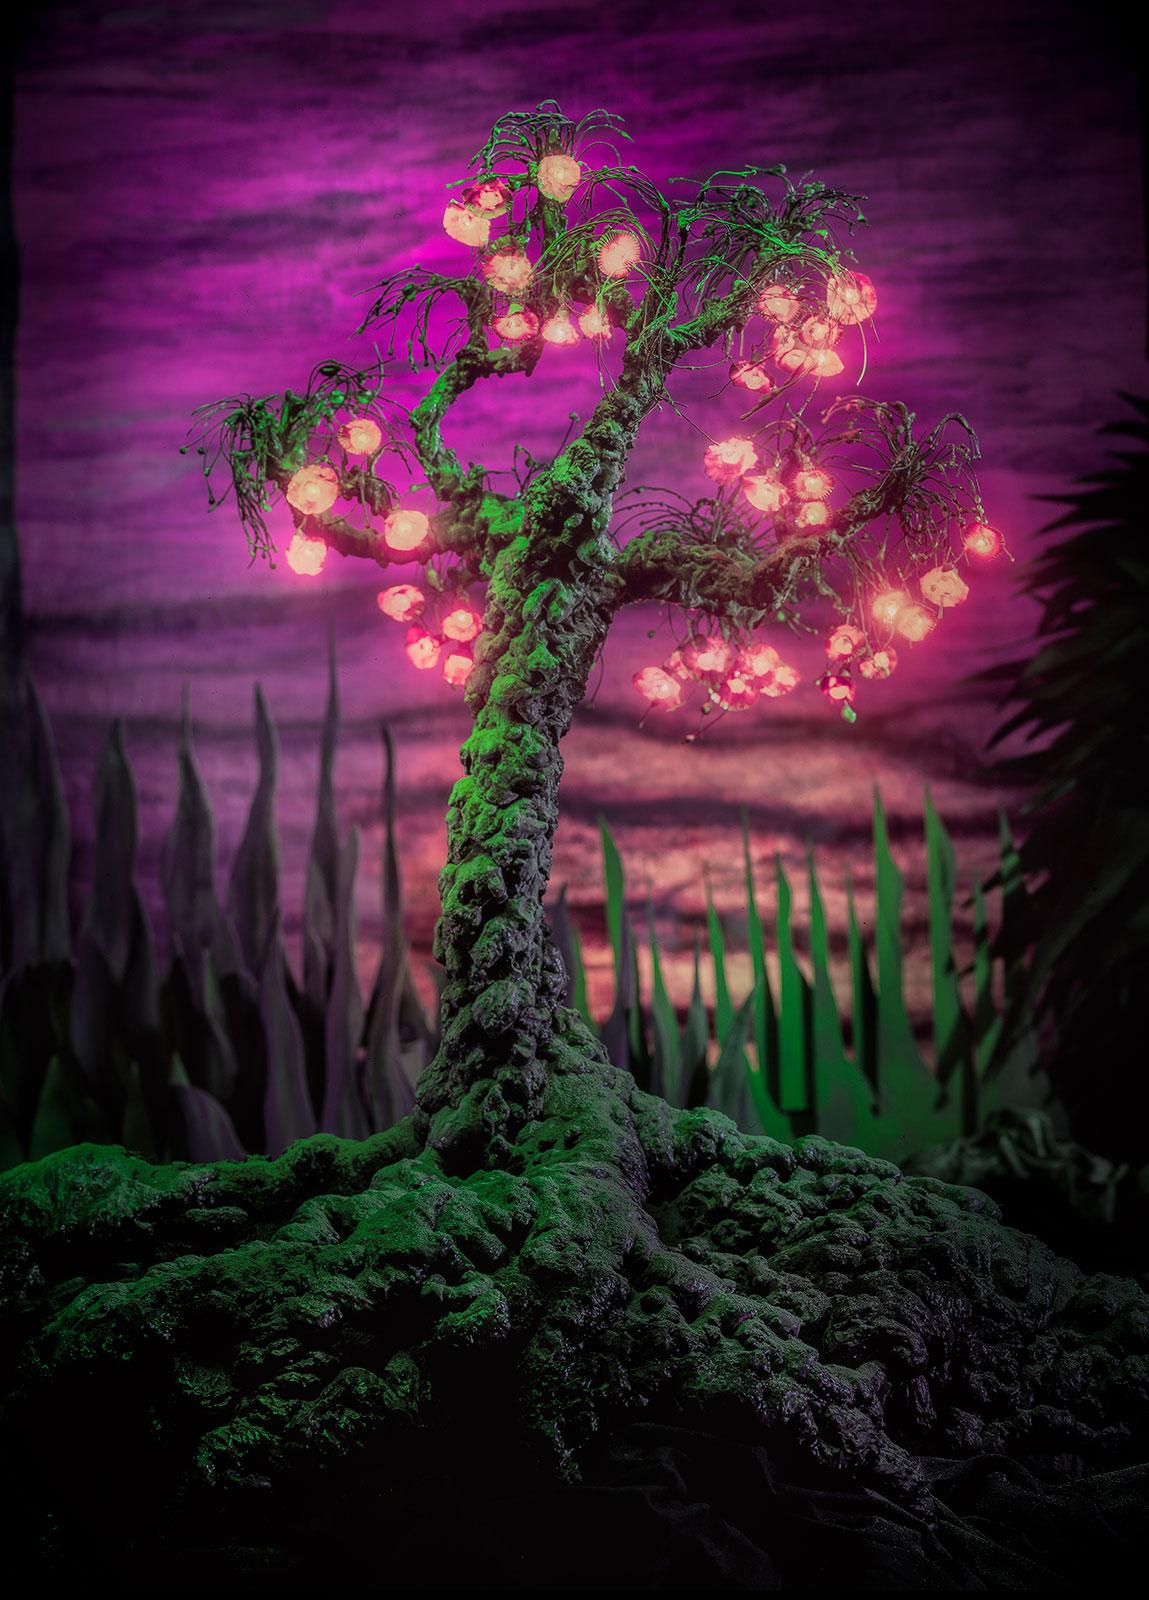 Droomboom, geënsceneerde fotografie van Jan van der Horn